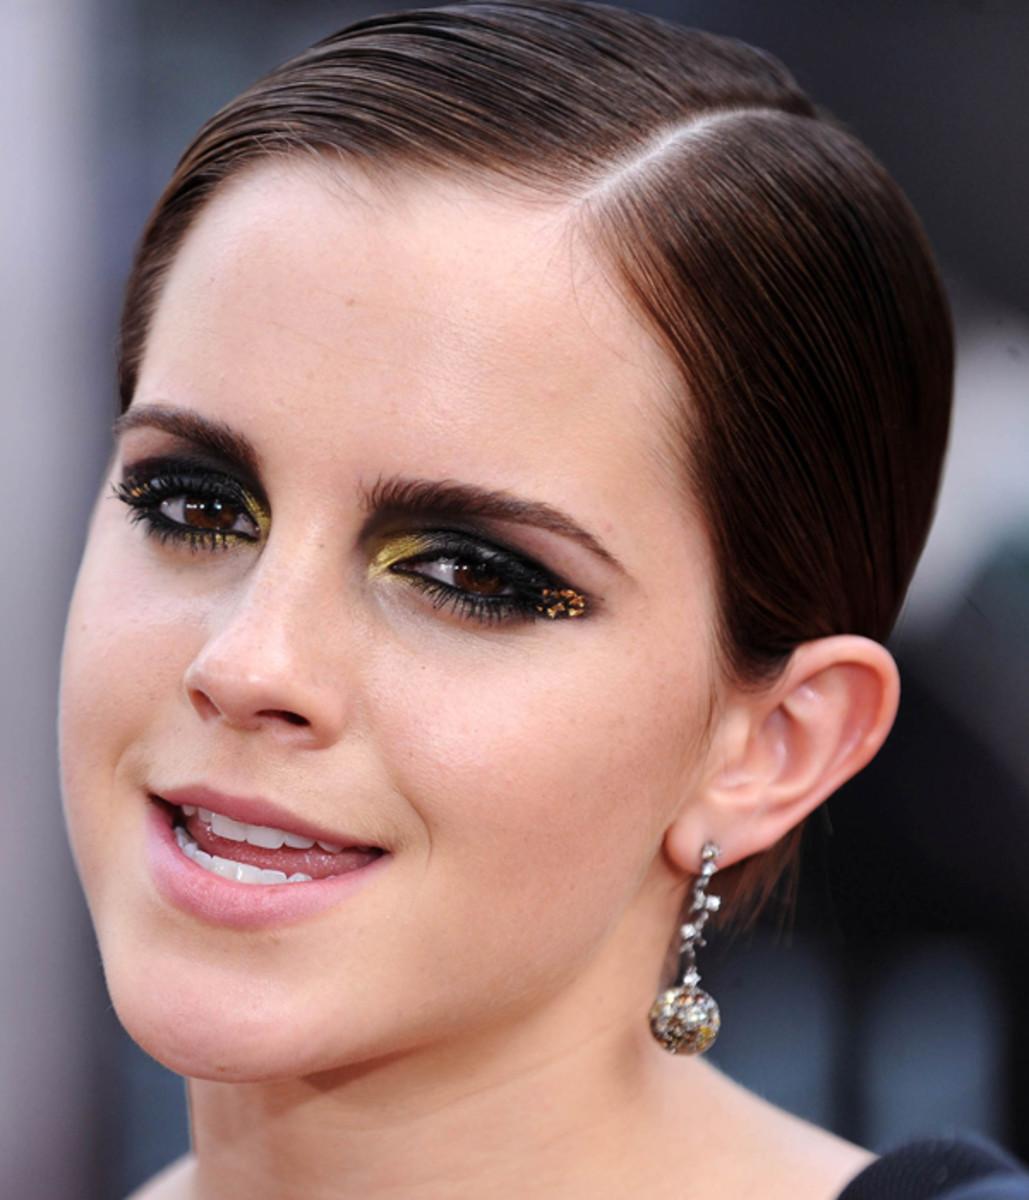 Emma-Watson-Harry-Potter-premiere-2011-2